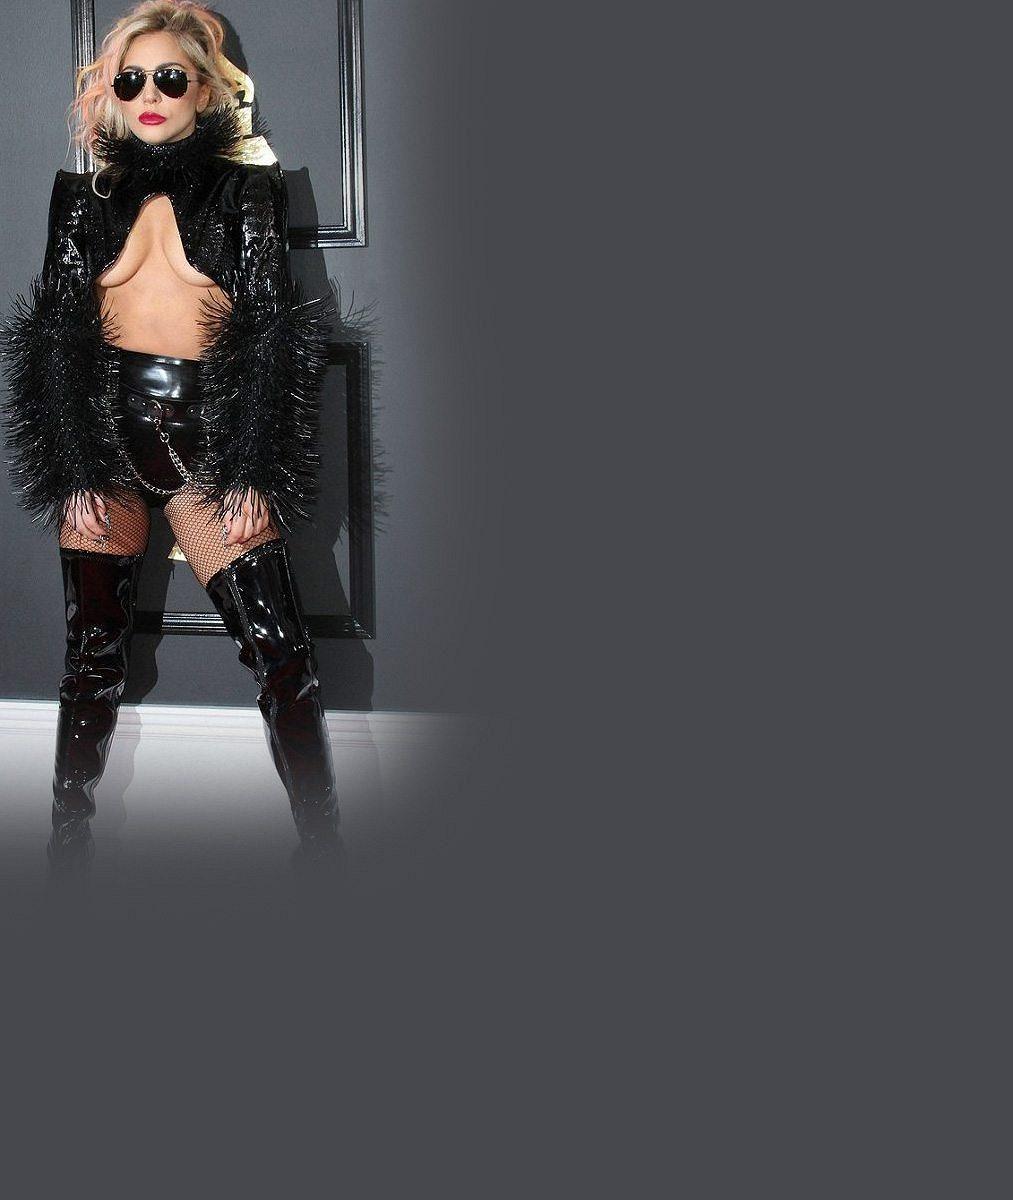 Tohle má být ta sexy hvězda Super Bowlu? Lady Gaga vypadala vedle nového přítele jako šmudla